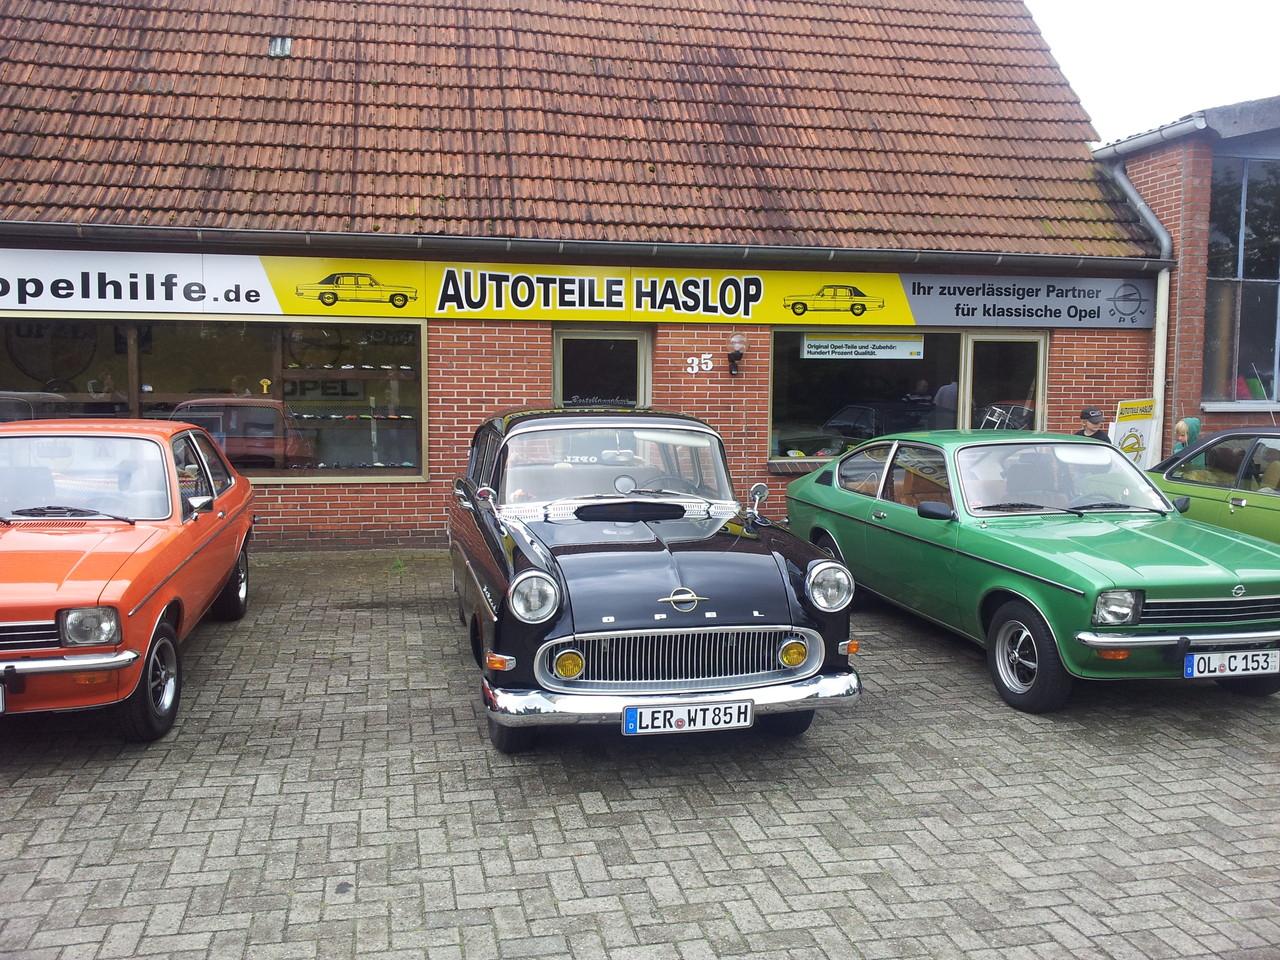 Altopeltreffen in Dötlingen - Wissenswertes über den Opel Commodore C